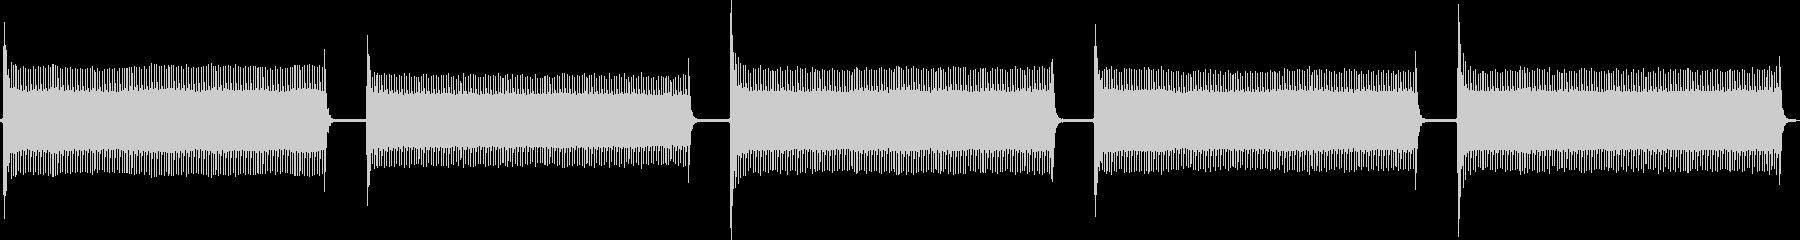 トーンアタリスパッタビープ音の未再生の波形